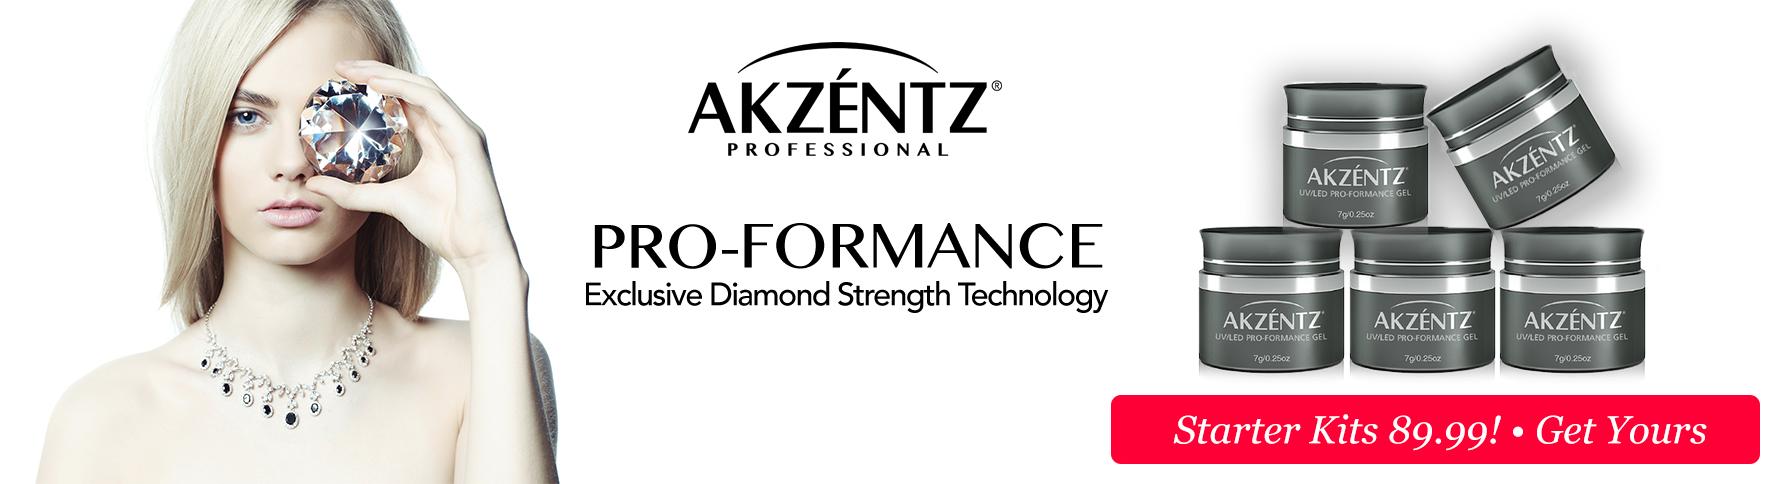 akzentz-proformance-banner.jpg